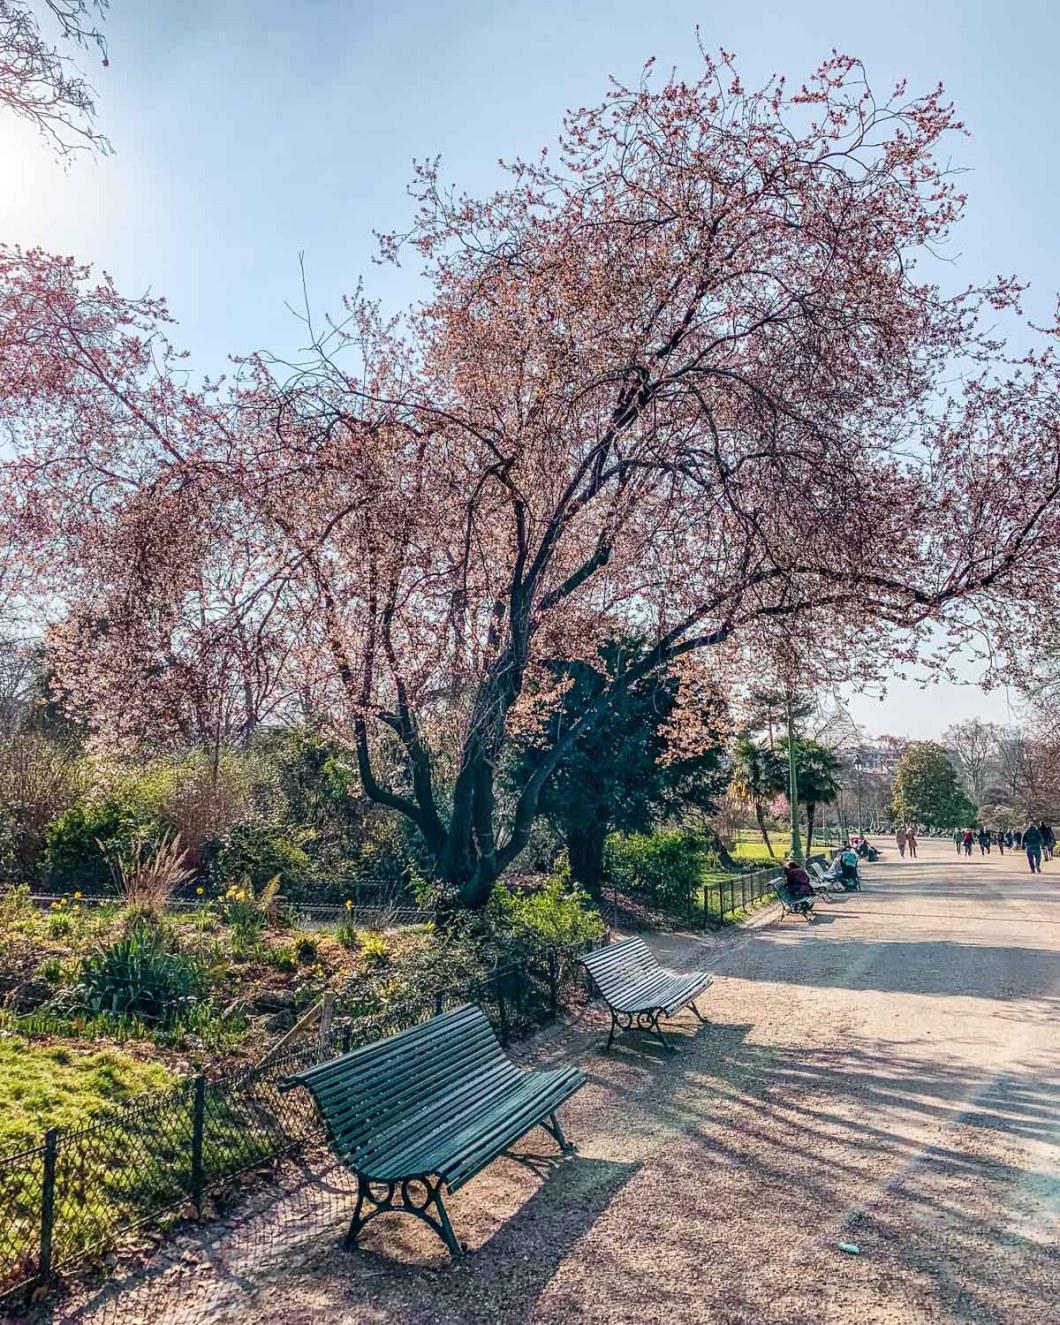 Plum blossoms in the Parc Monceau - Paris